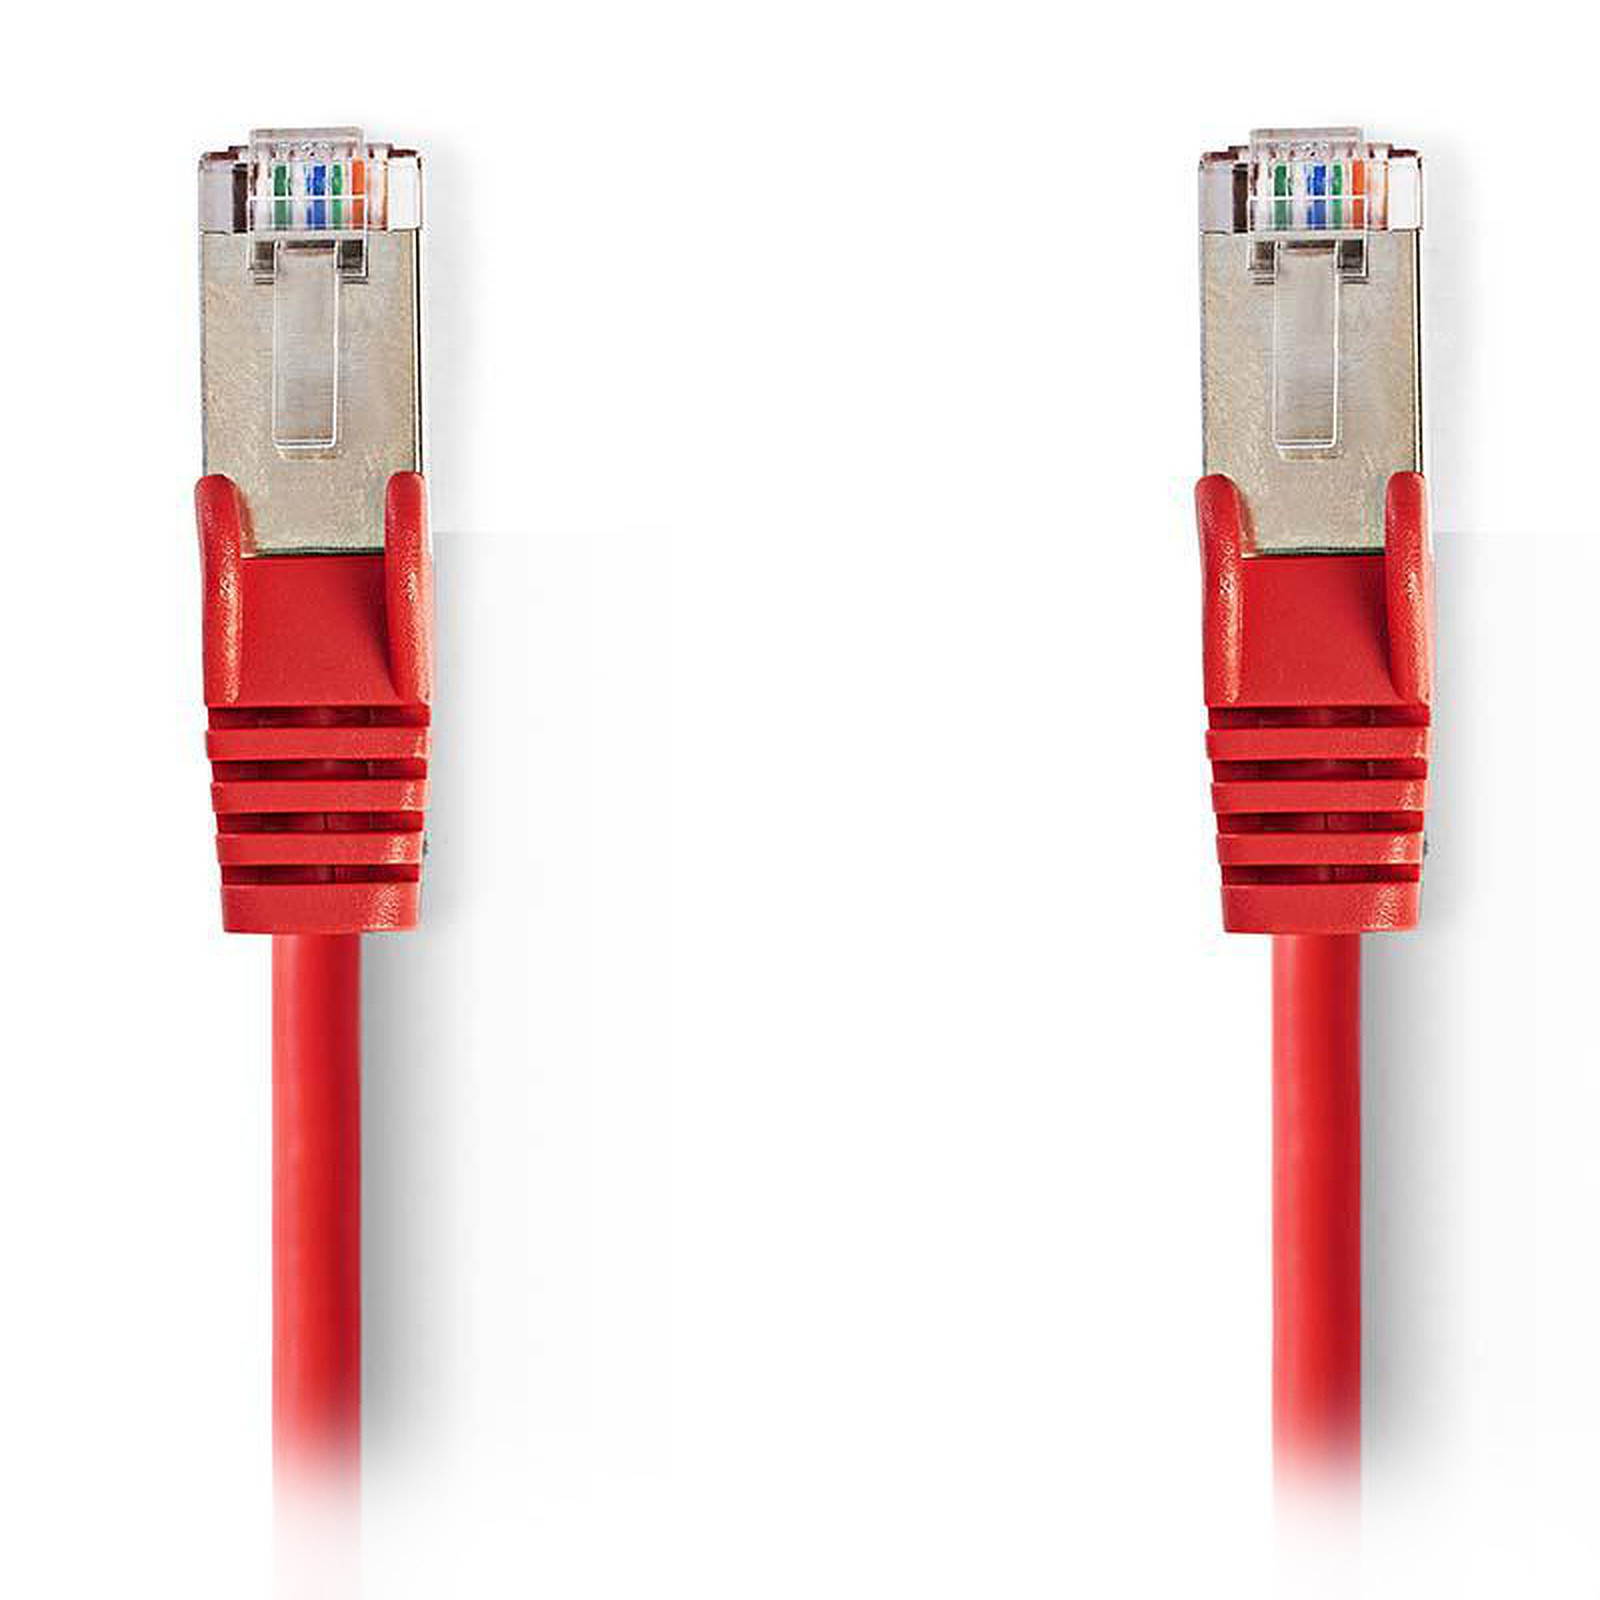 Nedis Câble RJ45 catégorie 5e SF/UTP 2 m (Rouge)